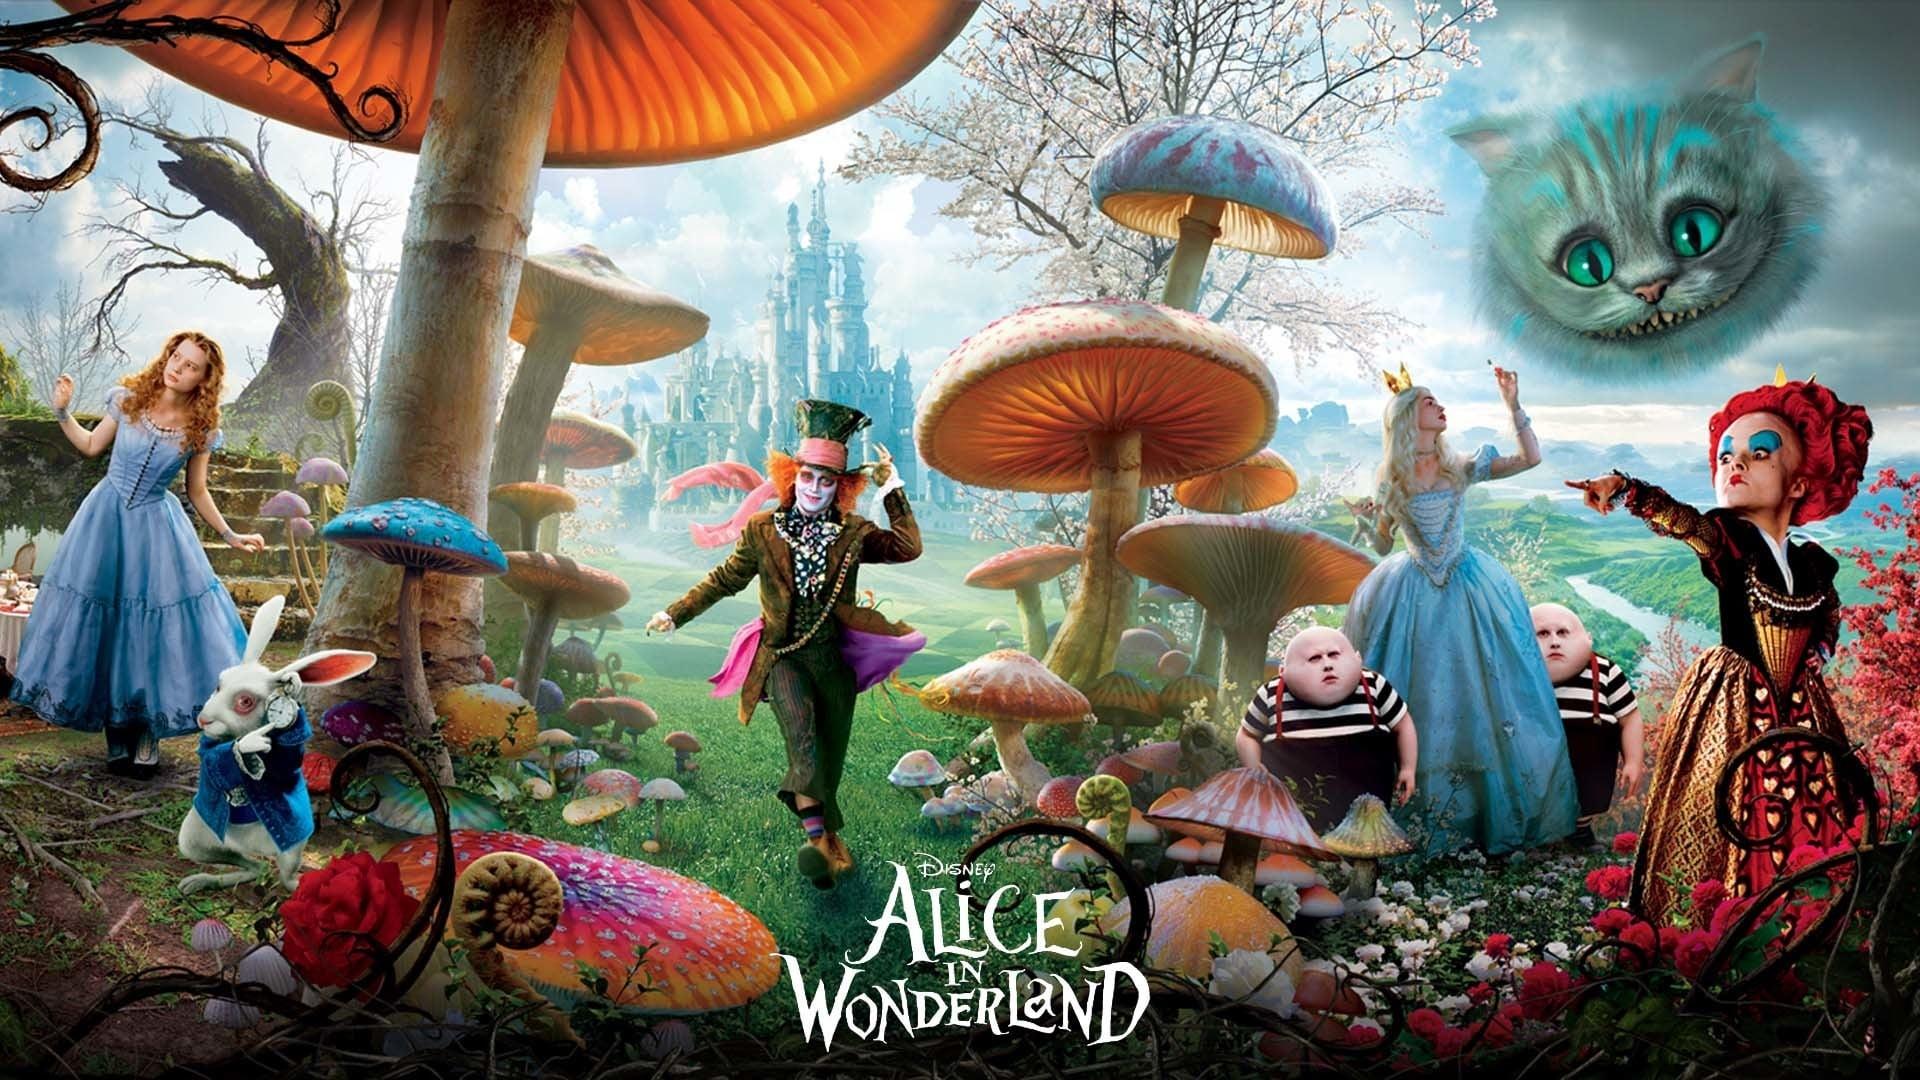 Alice in wonderland movie online free